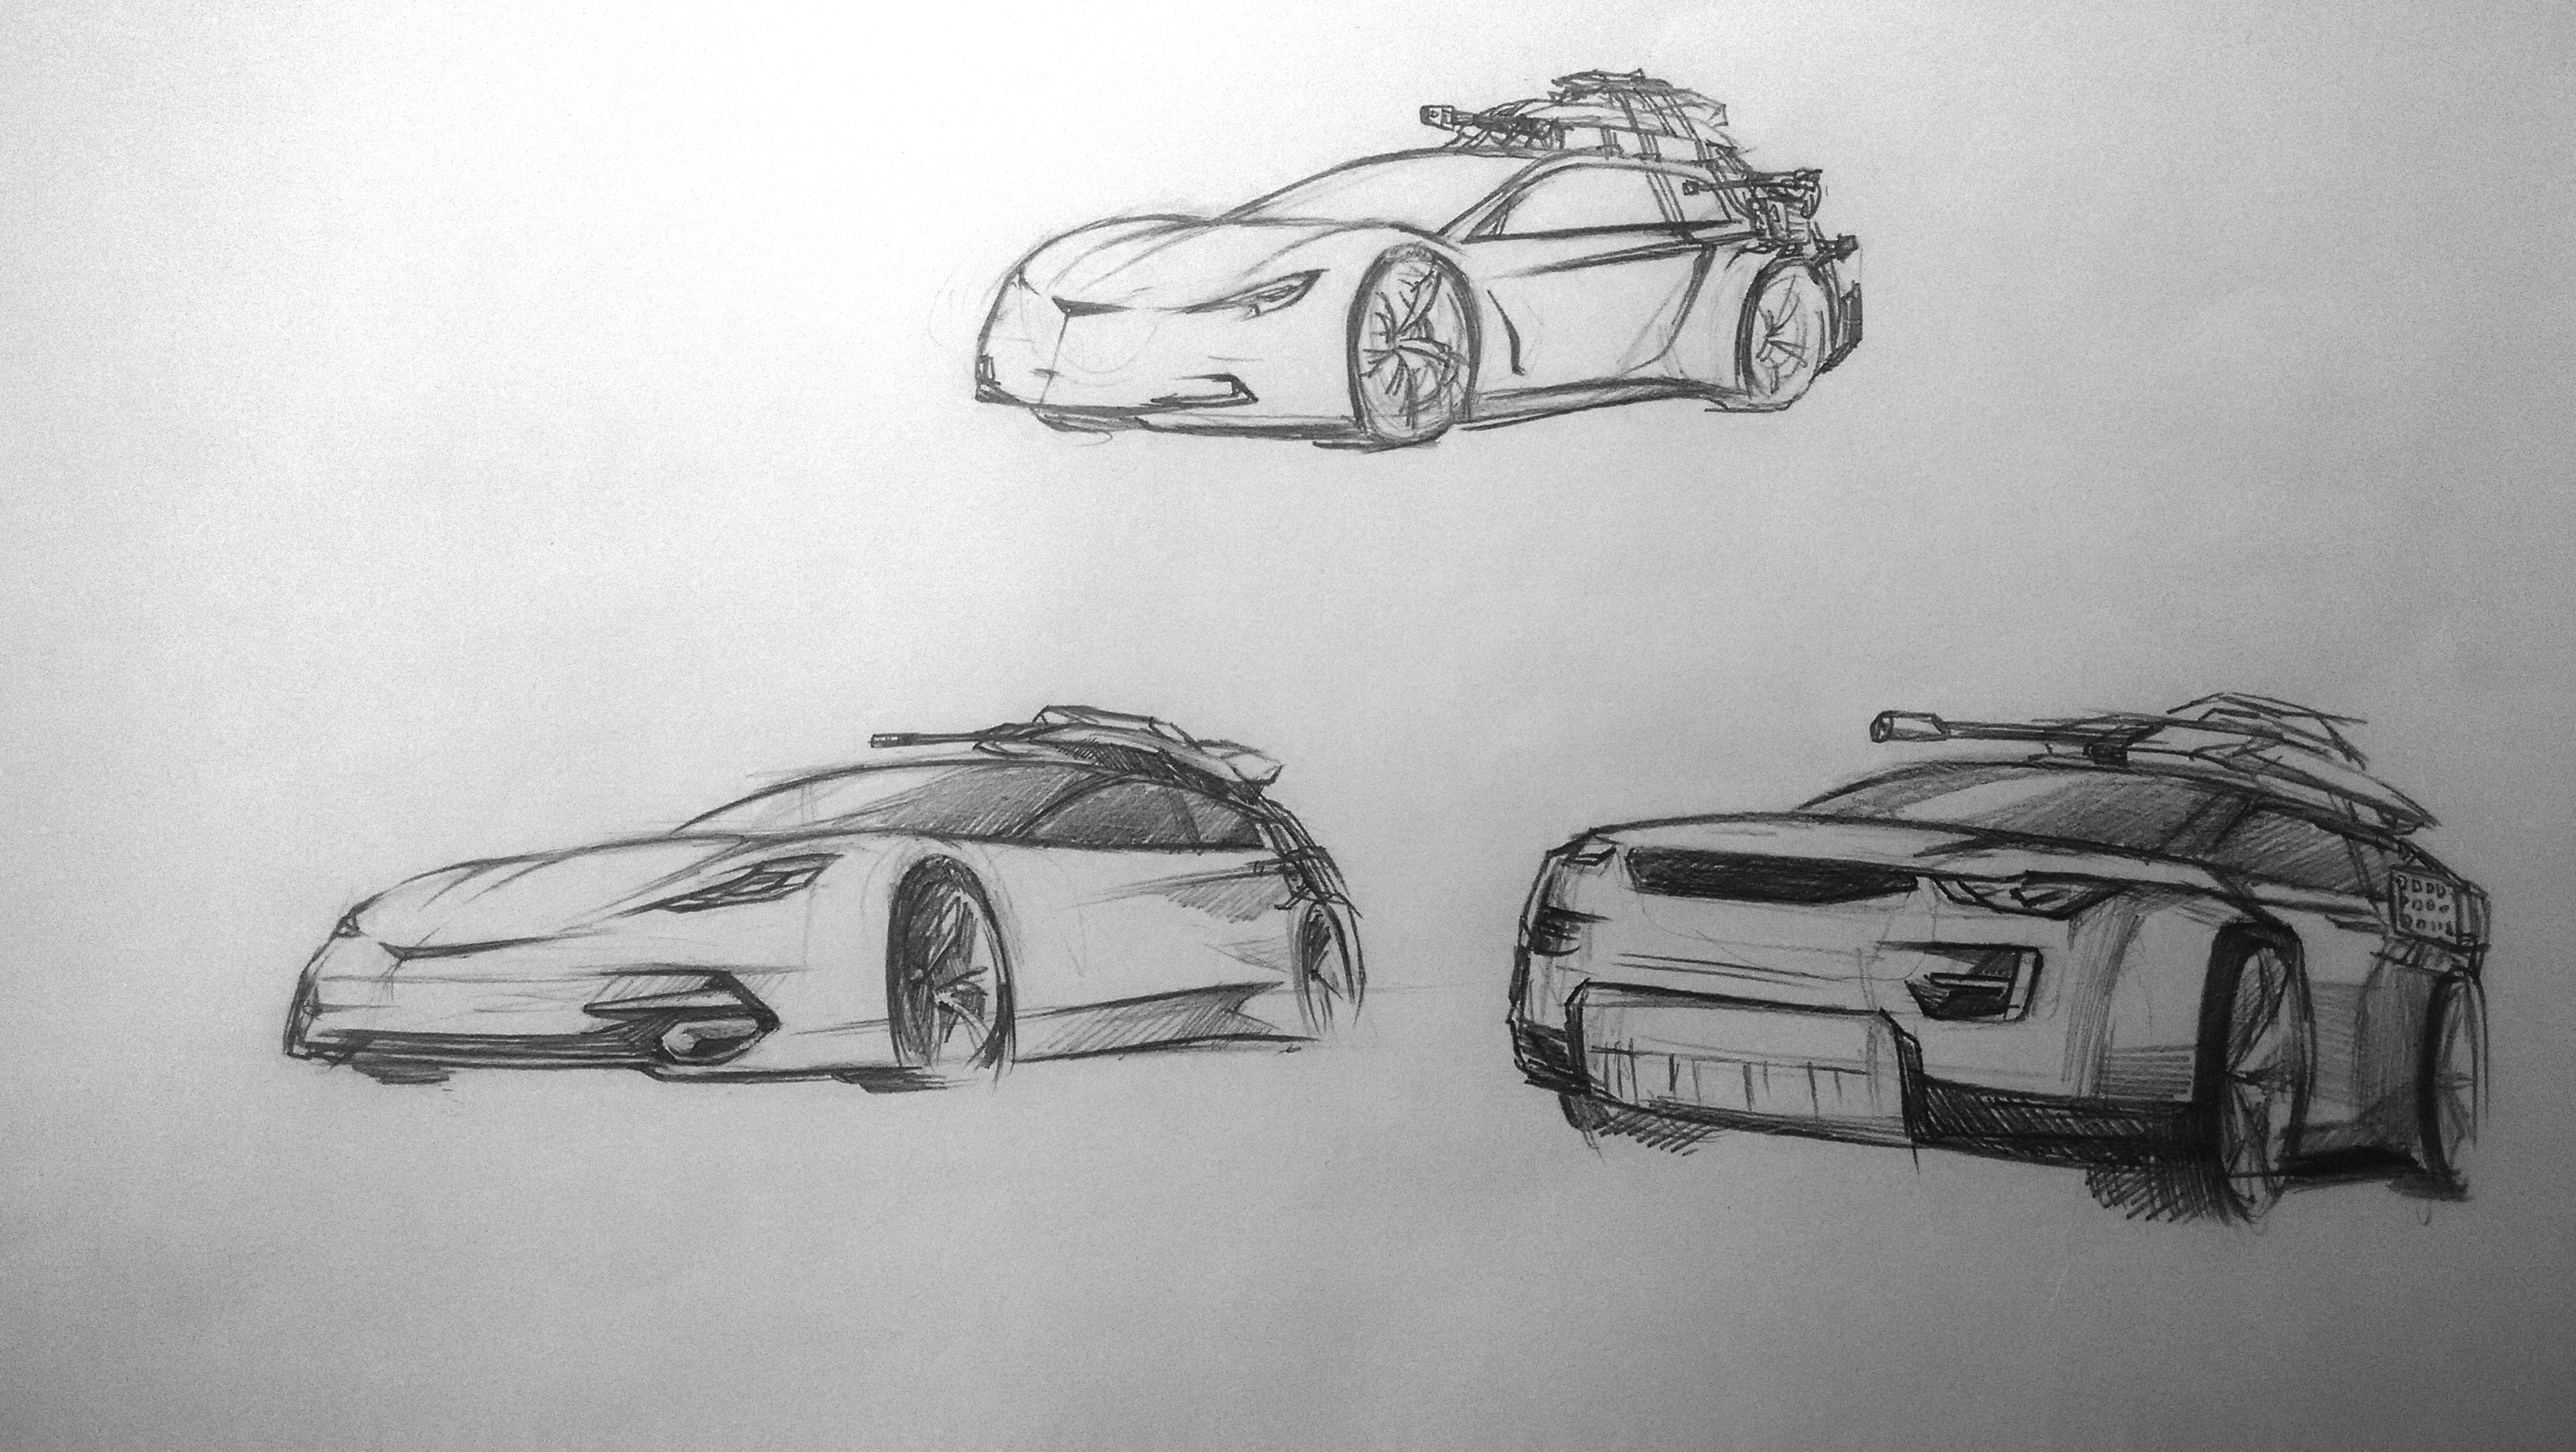 汽车设计手绘草图|插画|概念设定|古书喊万岁 - 原创